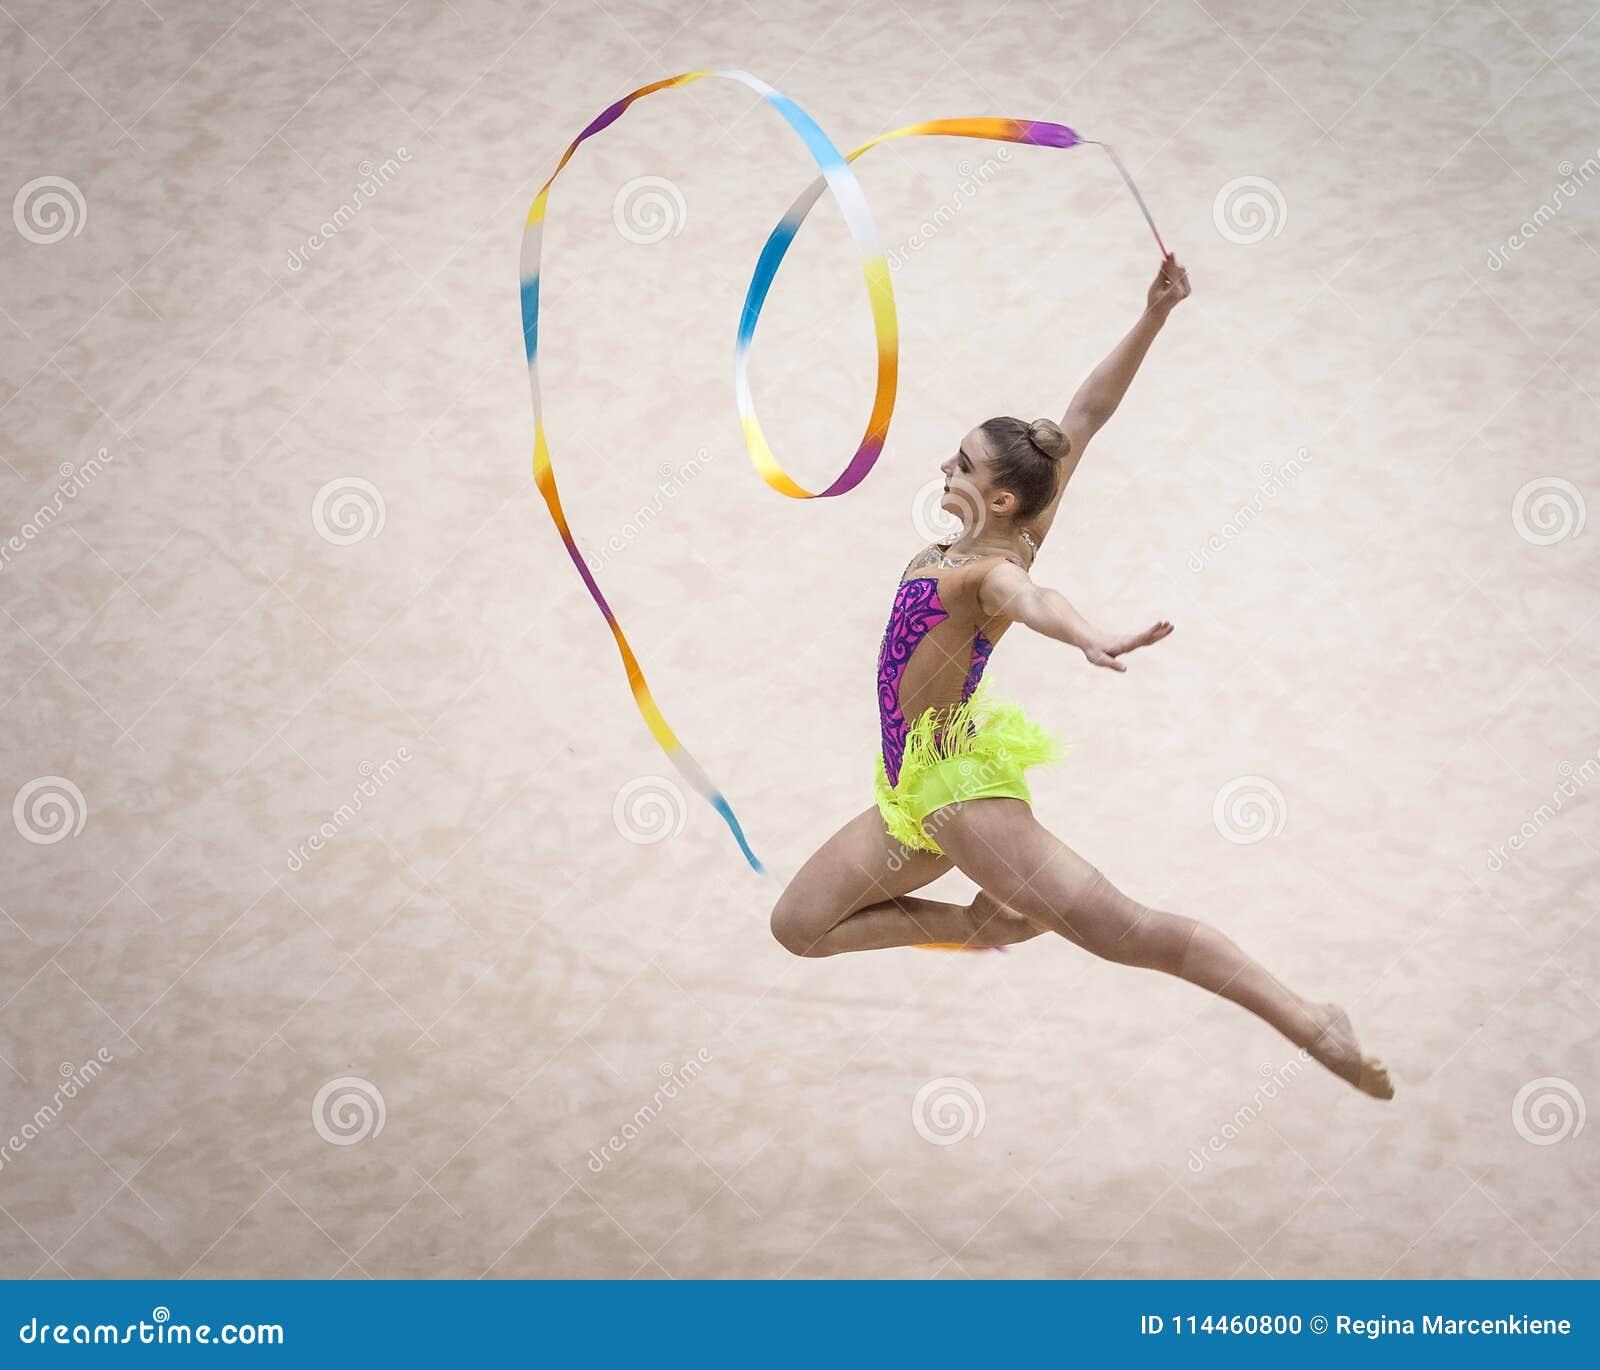 叶尔加瓦,拉脱维亚- 2018年4月8日:节奏体操拉脱维亚冠军在叶尔加瓦 上涨 心脏丝带雕塑